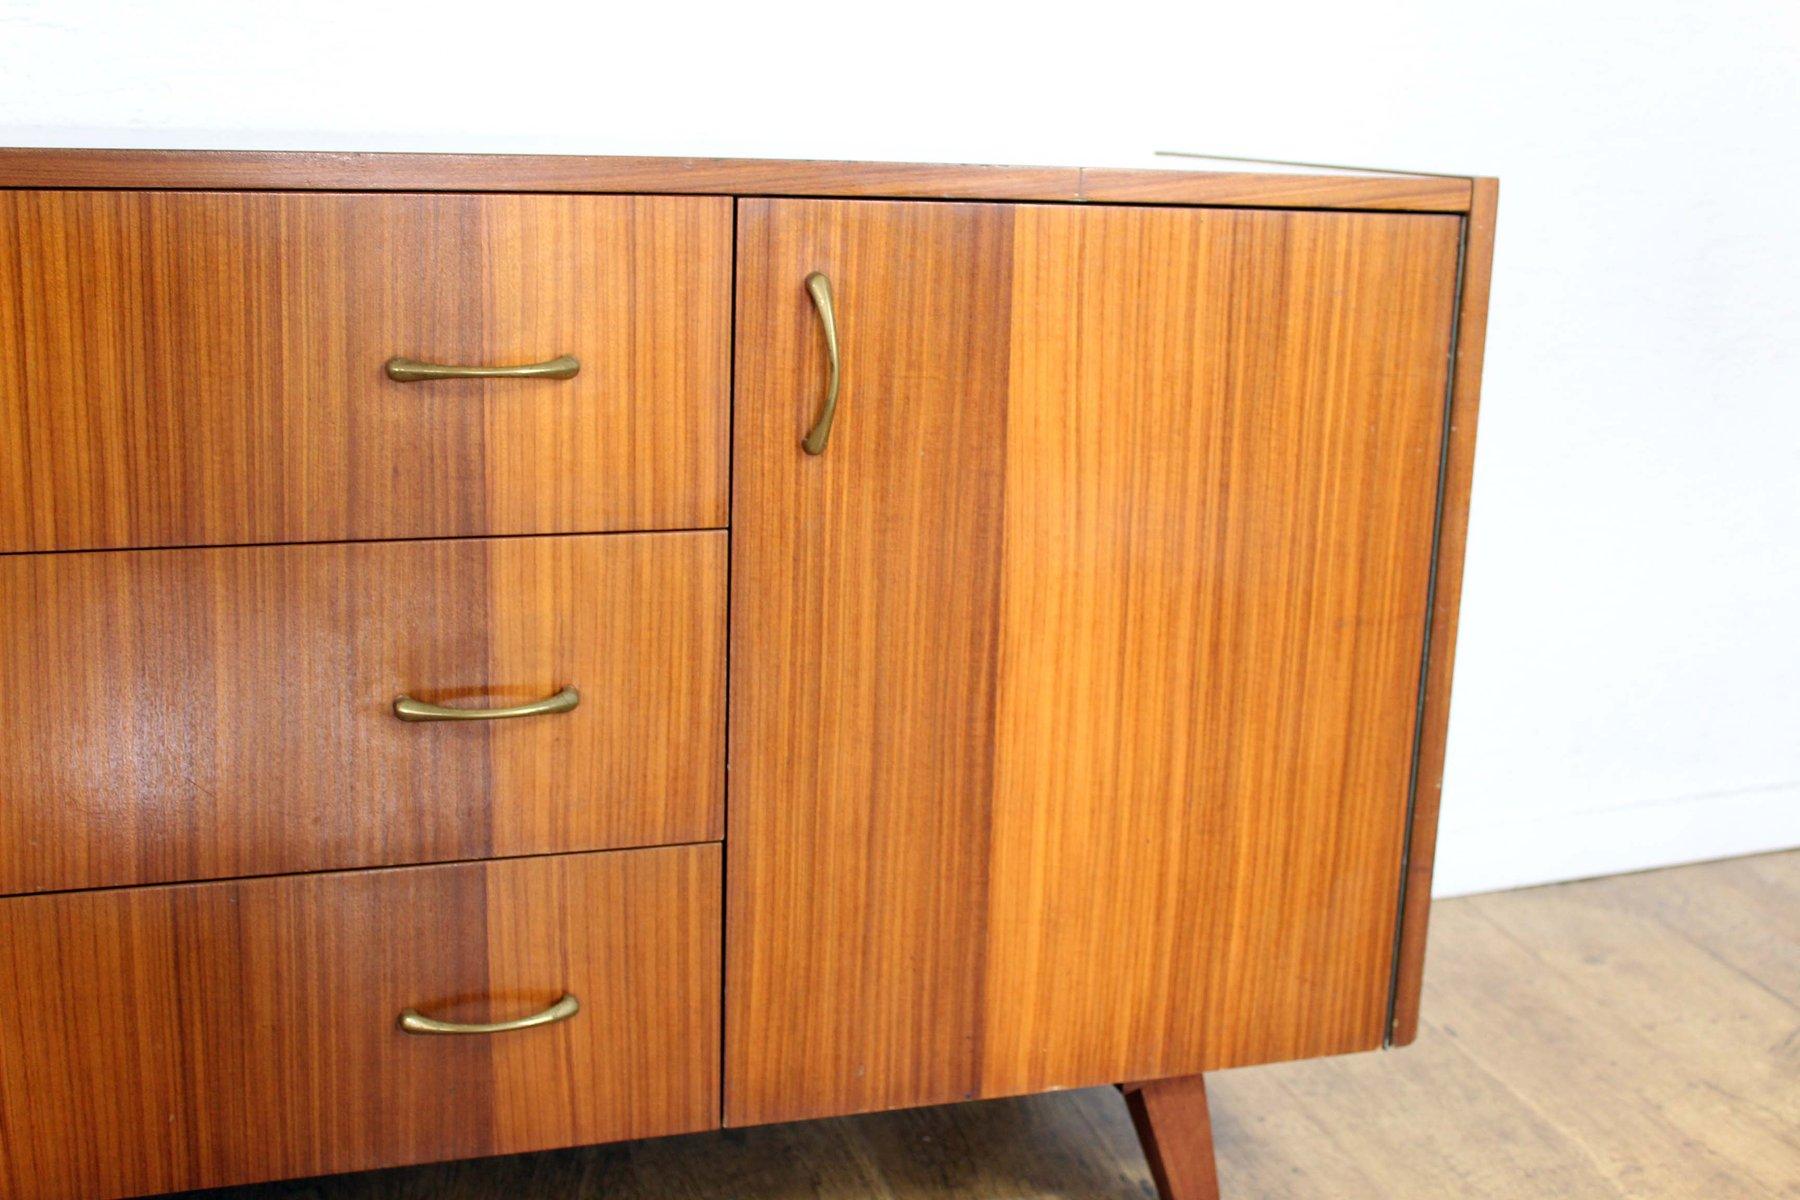 meuble pieds compas 1960s en vente sur pamono. Black Bedroom Furniture Sets. Home Design Ideas